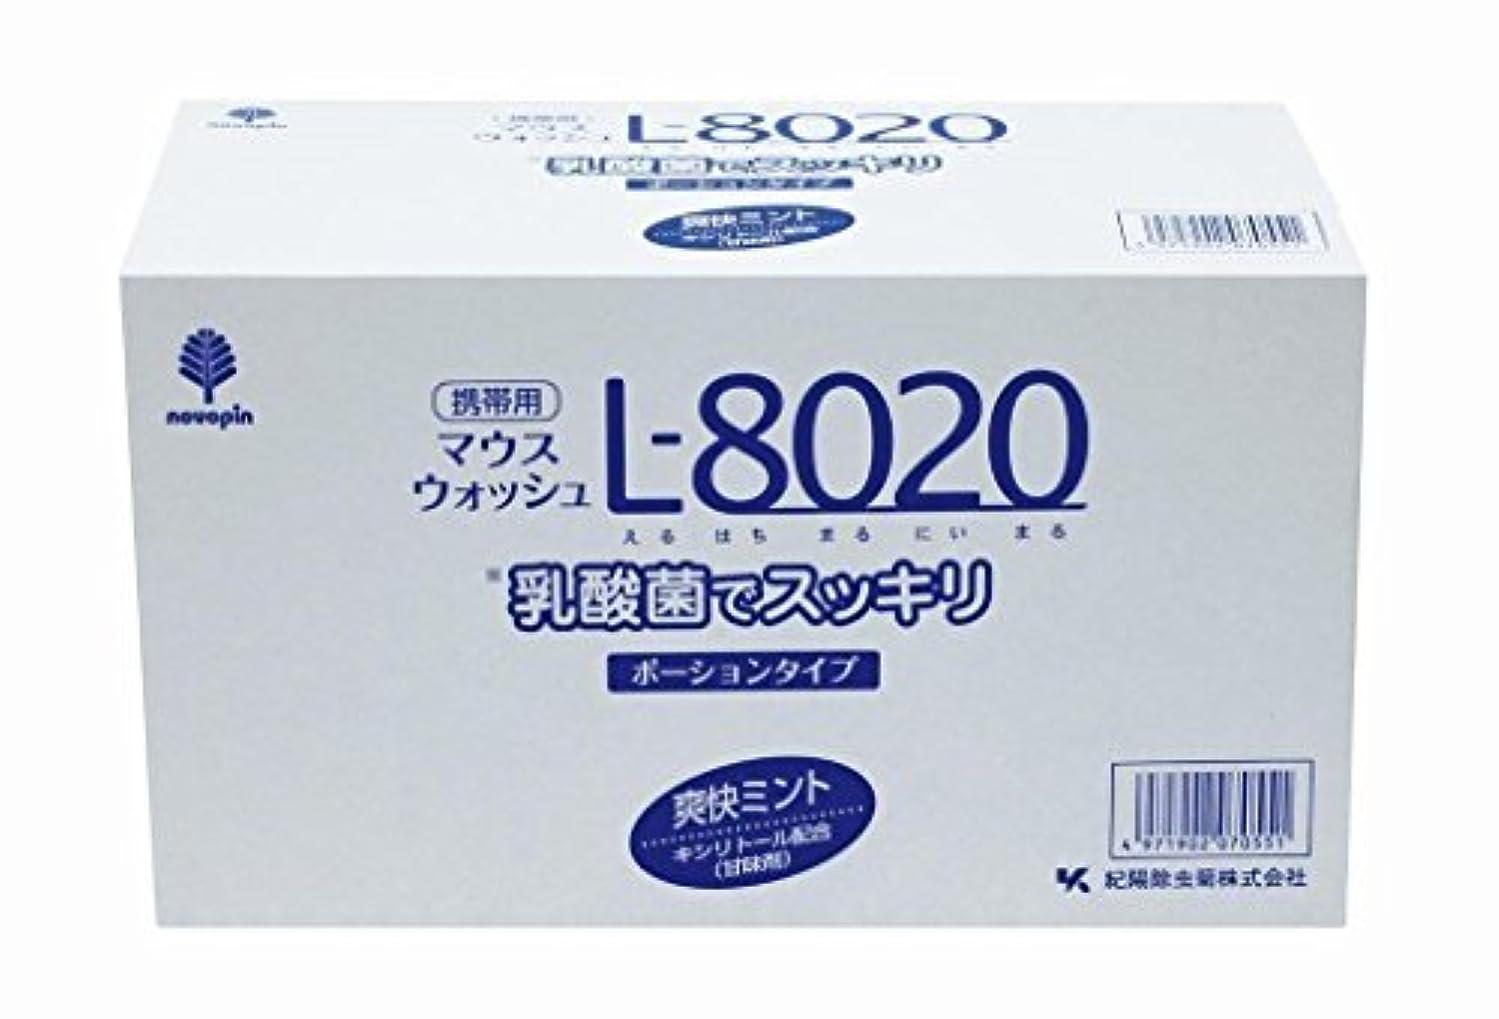 パウダー融合エンディングクチュッペL-8020爽快ミントポーションタイプ100個入(アルコール) 【まとめ買い10個セット】 K-7055 日本製 Japan